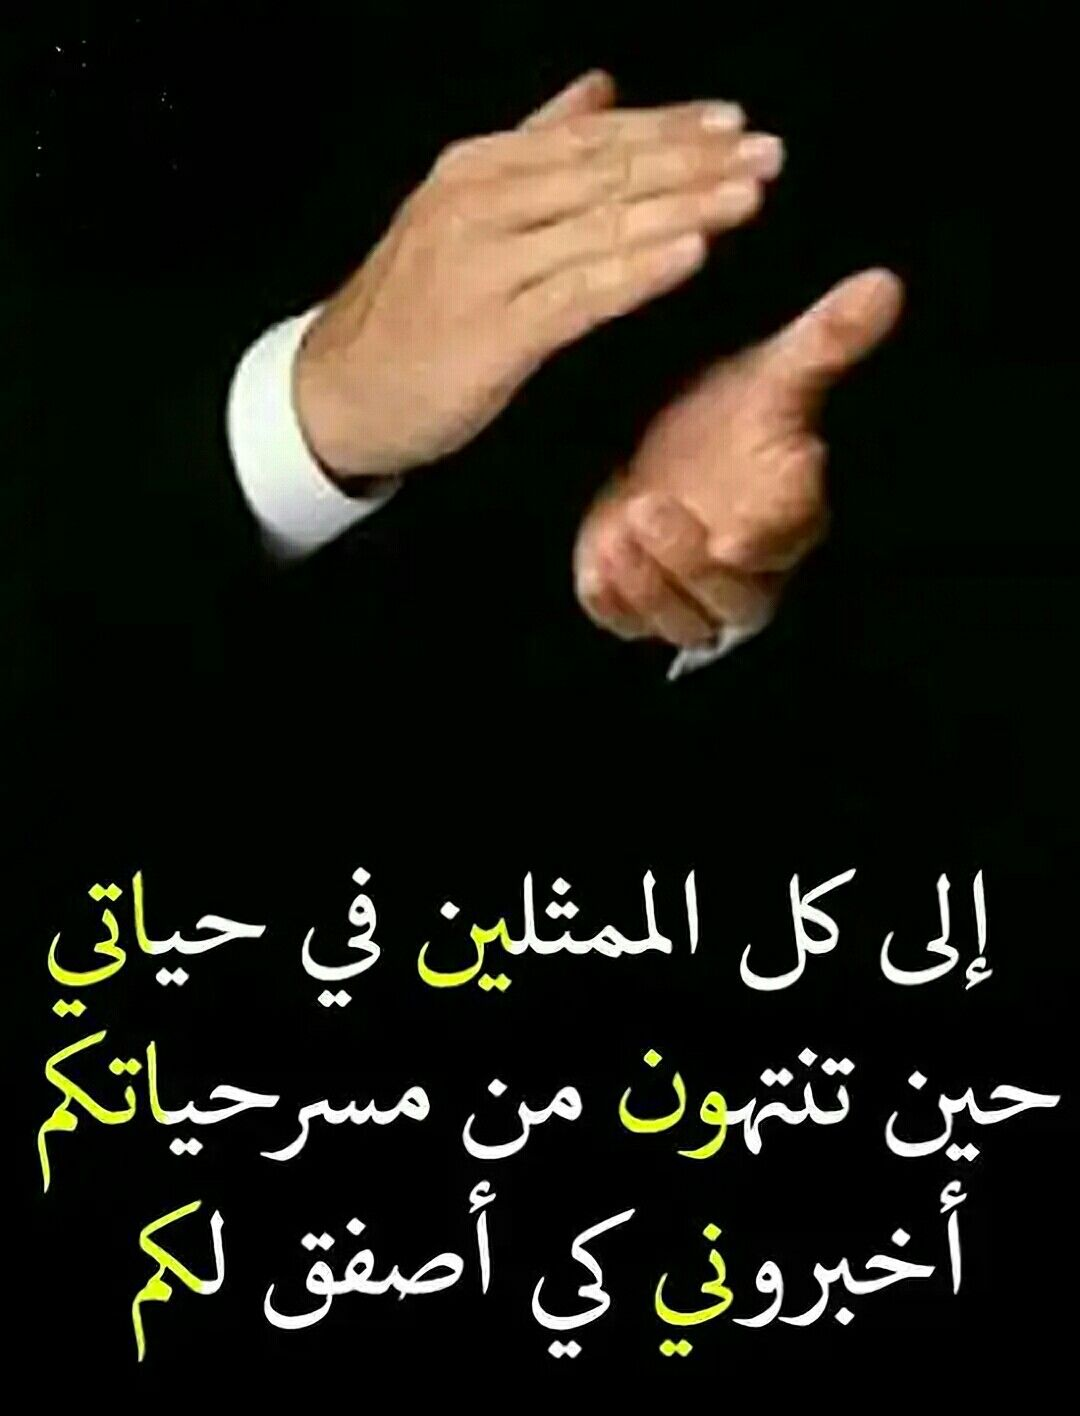 صورة مشفتش احلى من العبارات دى  , عبارات حلوه وجميله